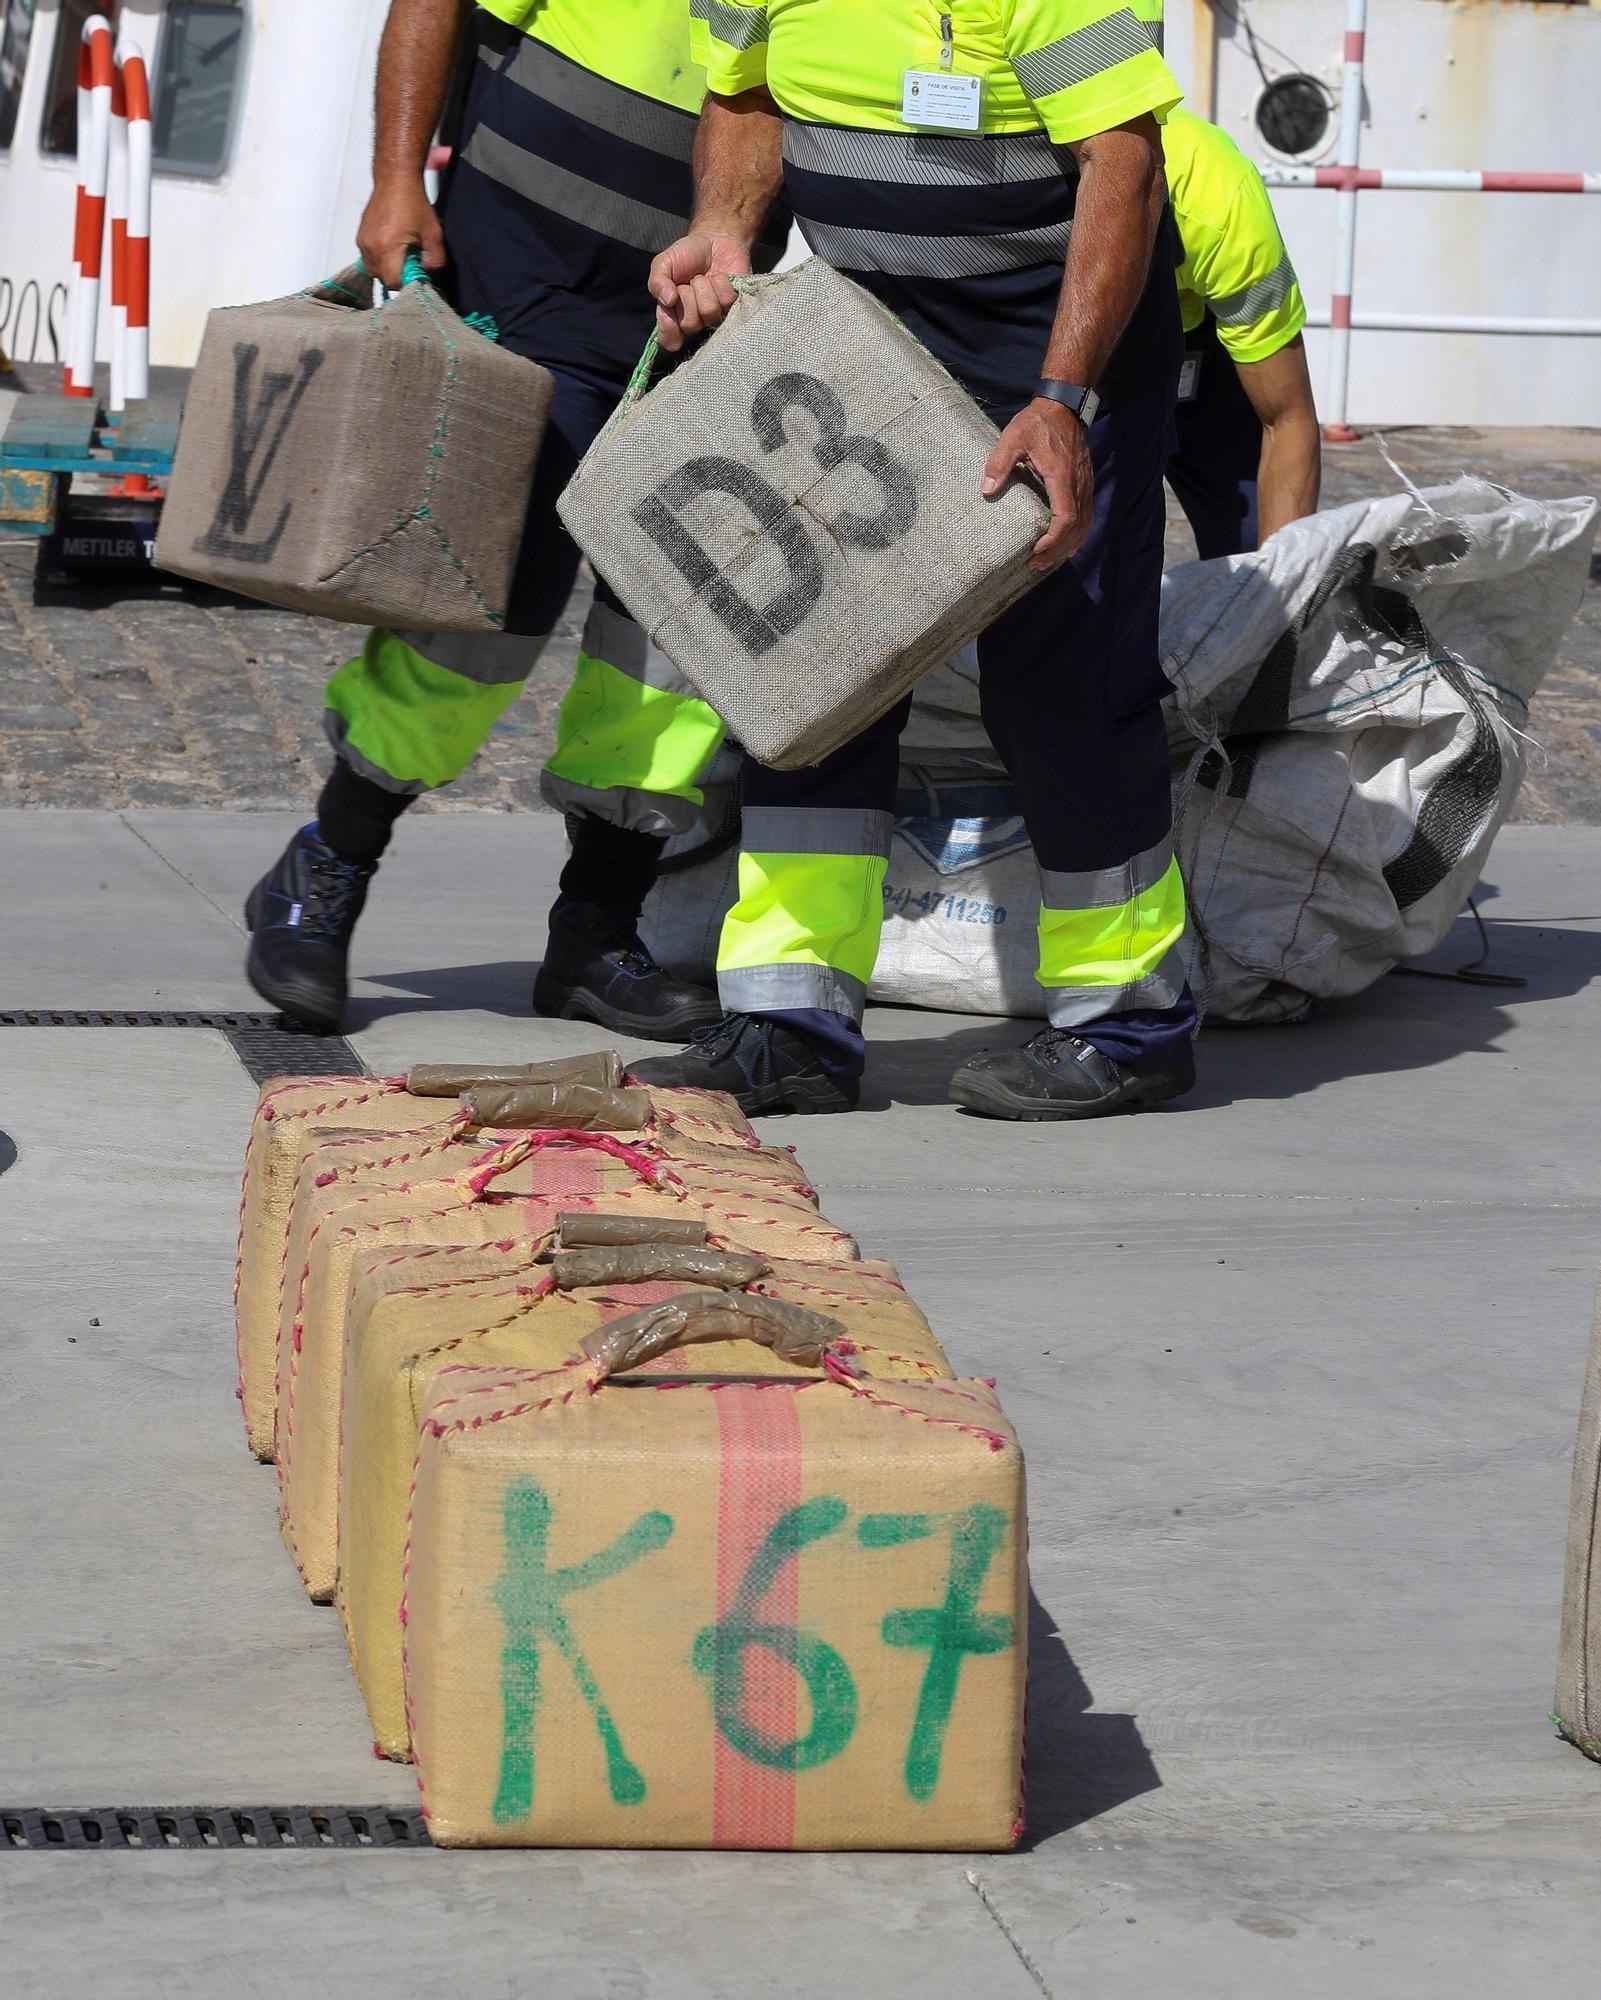 Desembarco en el Puerto de La Luz de los 18.000 kilos de hachís del pesquero  'Albatros Guard VSL'